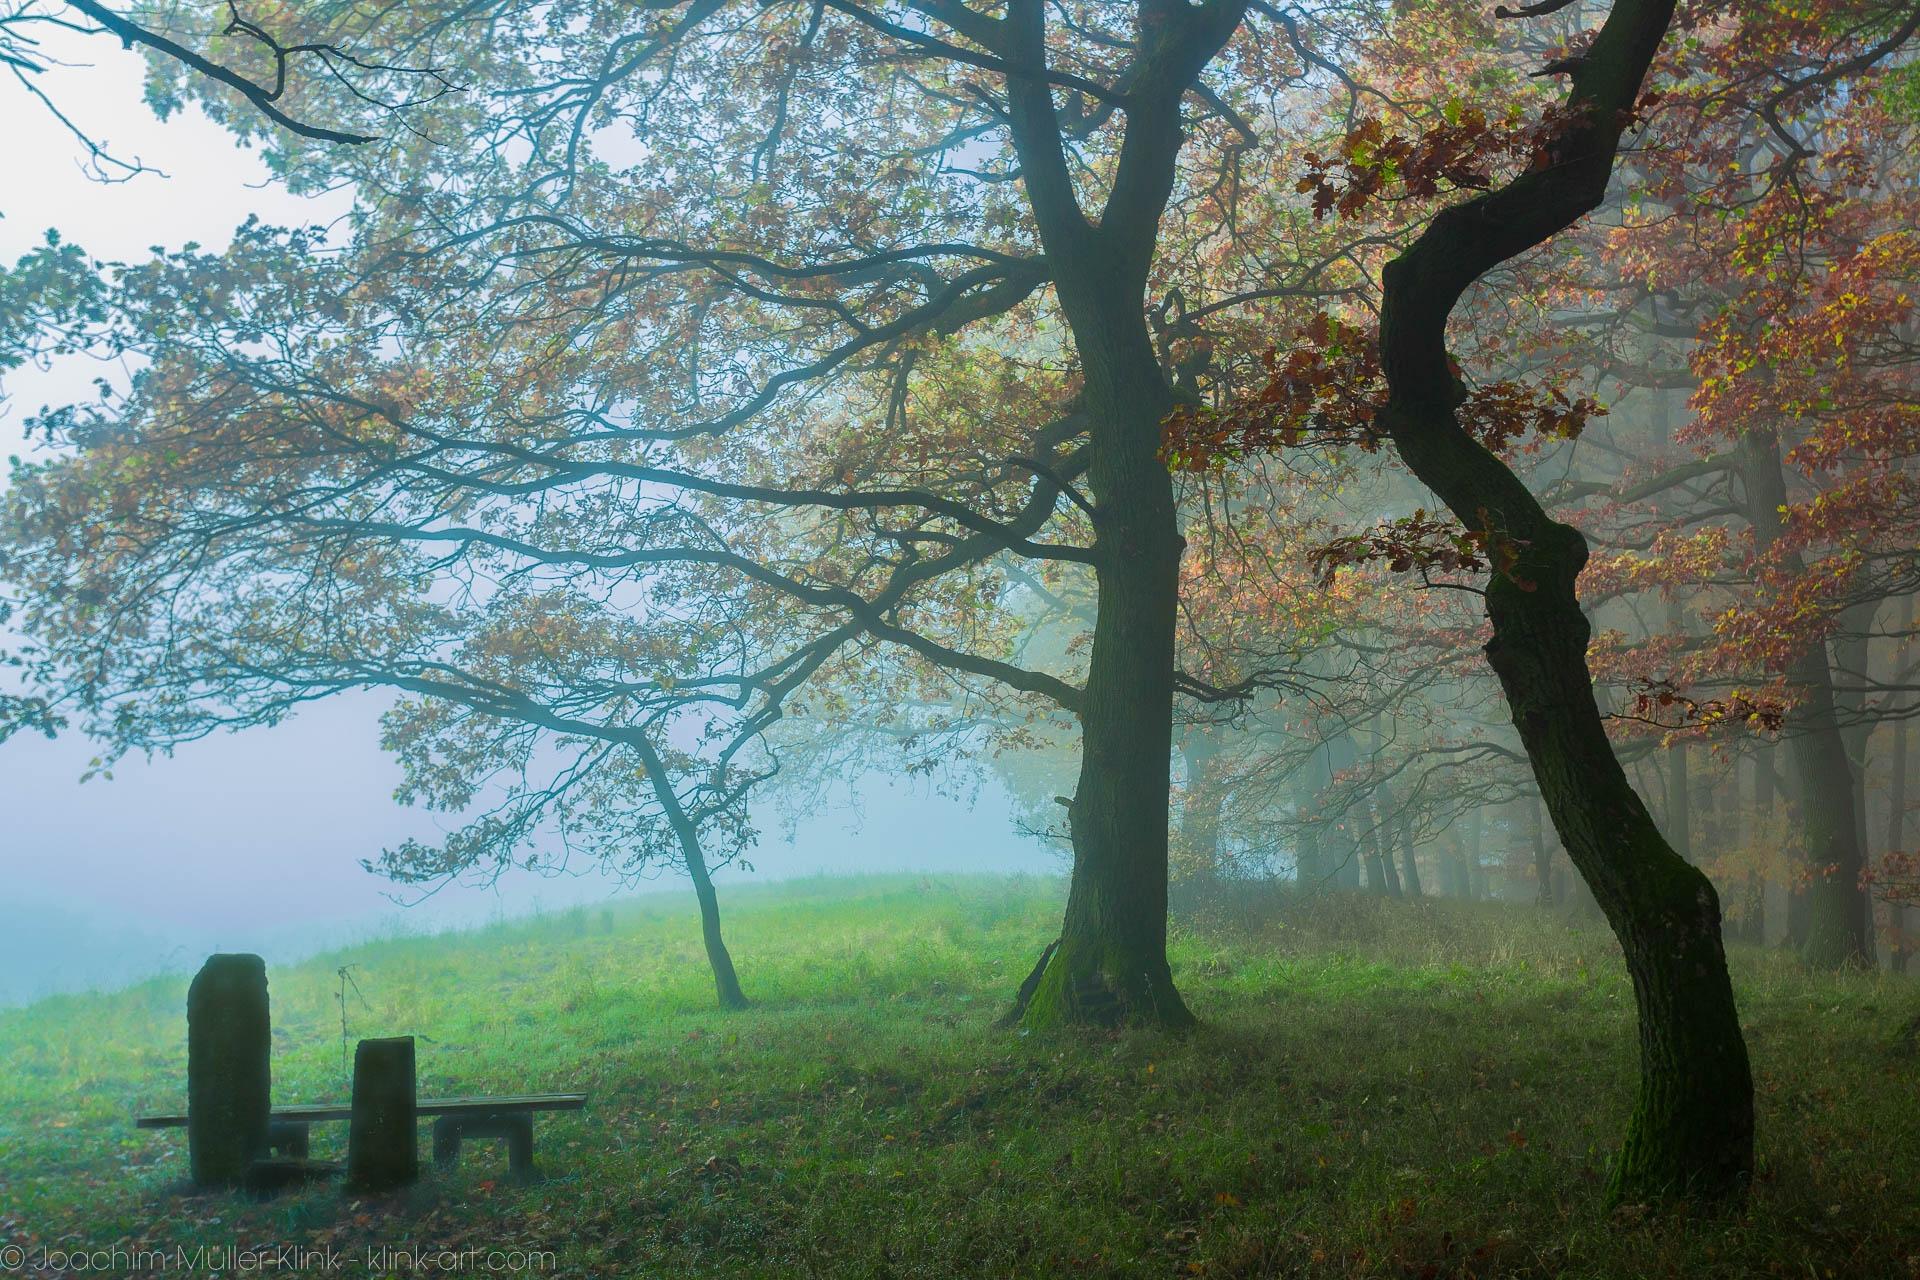 Am Rande eines Buchenwaldes - On the edge of a beech tree forest